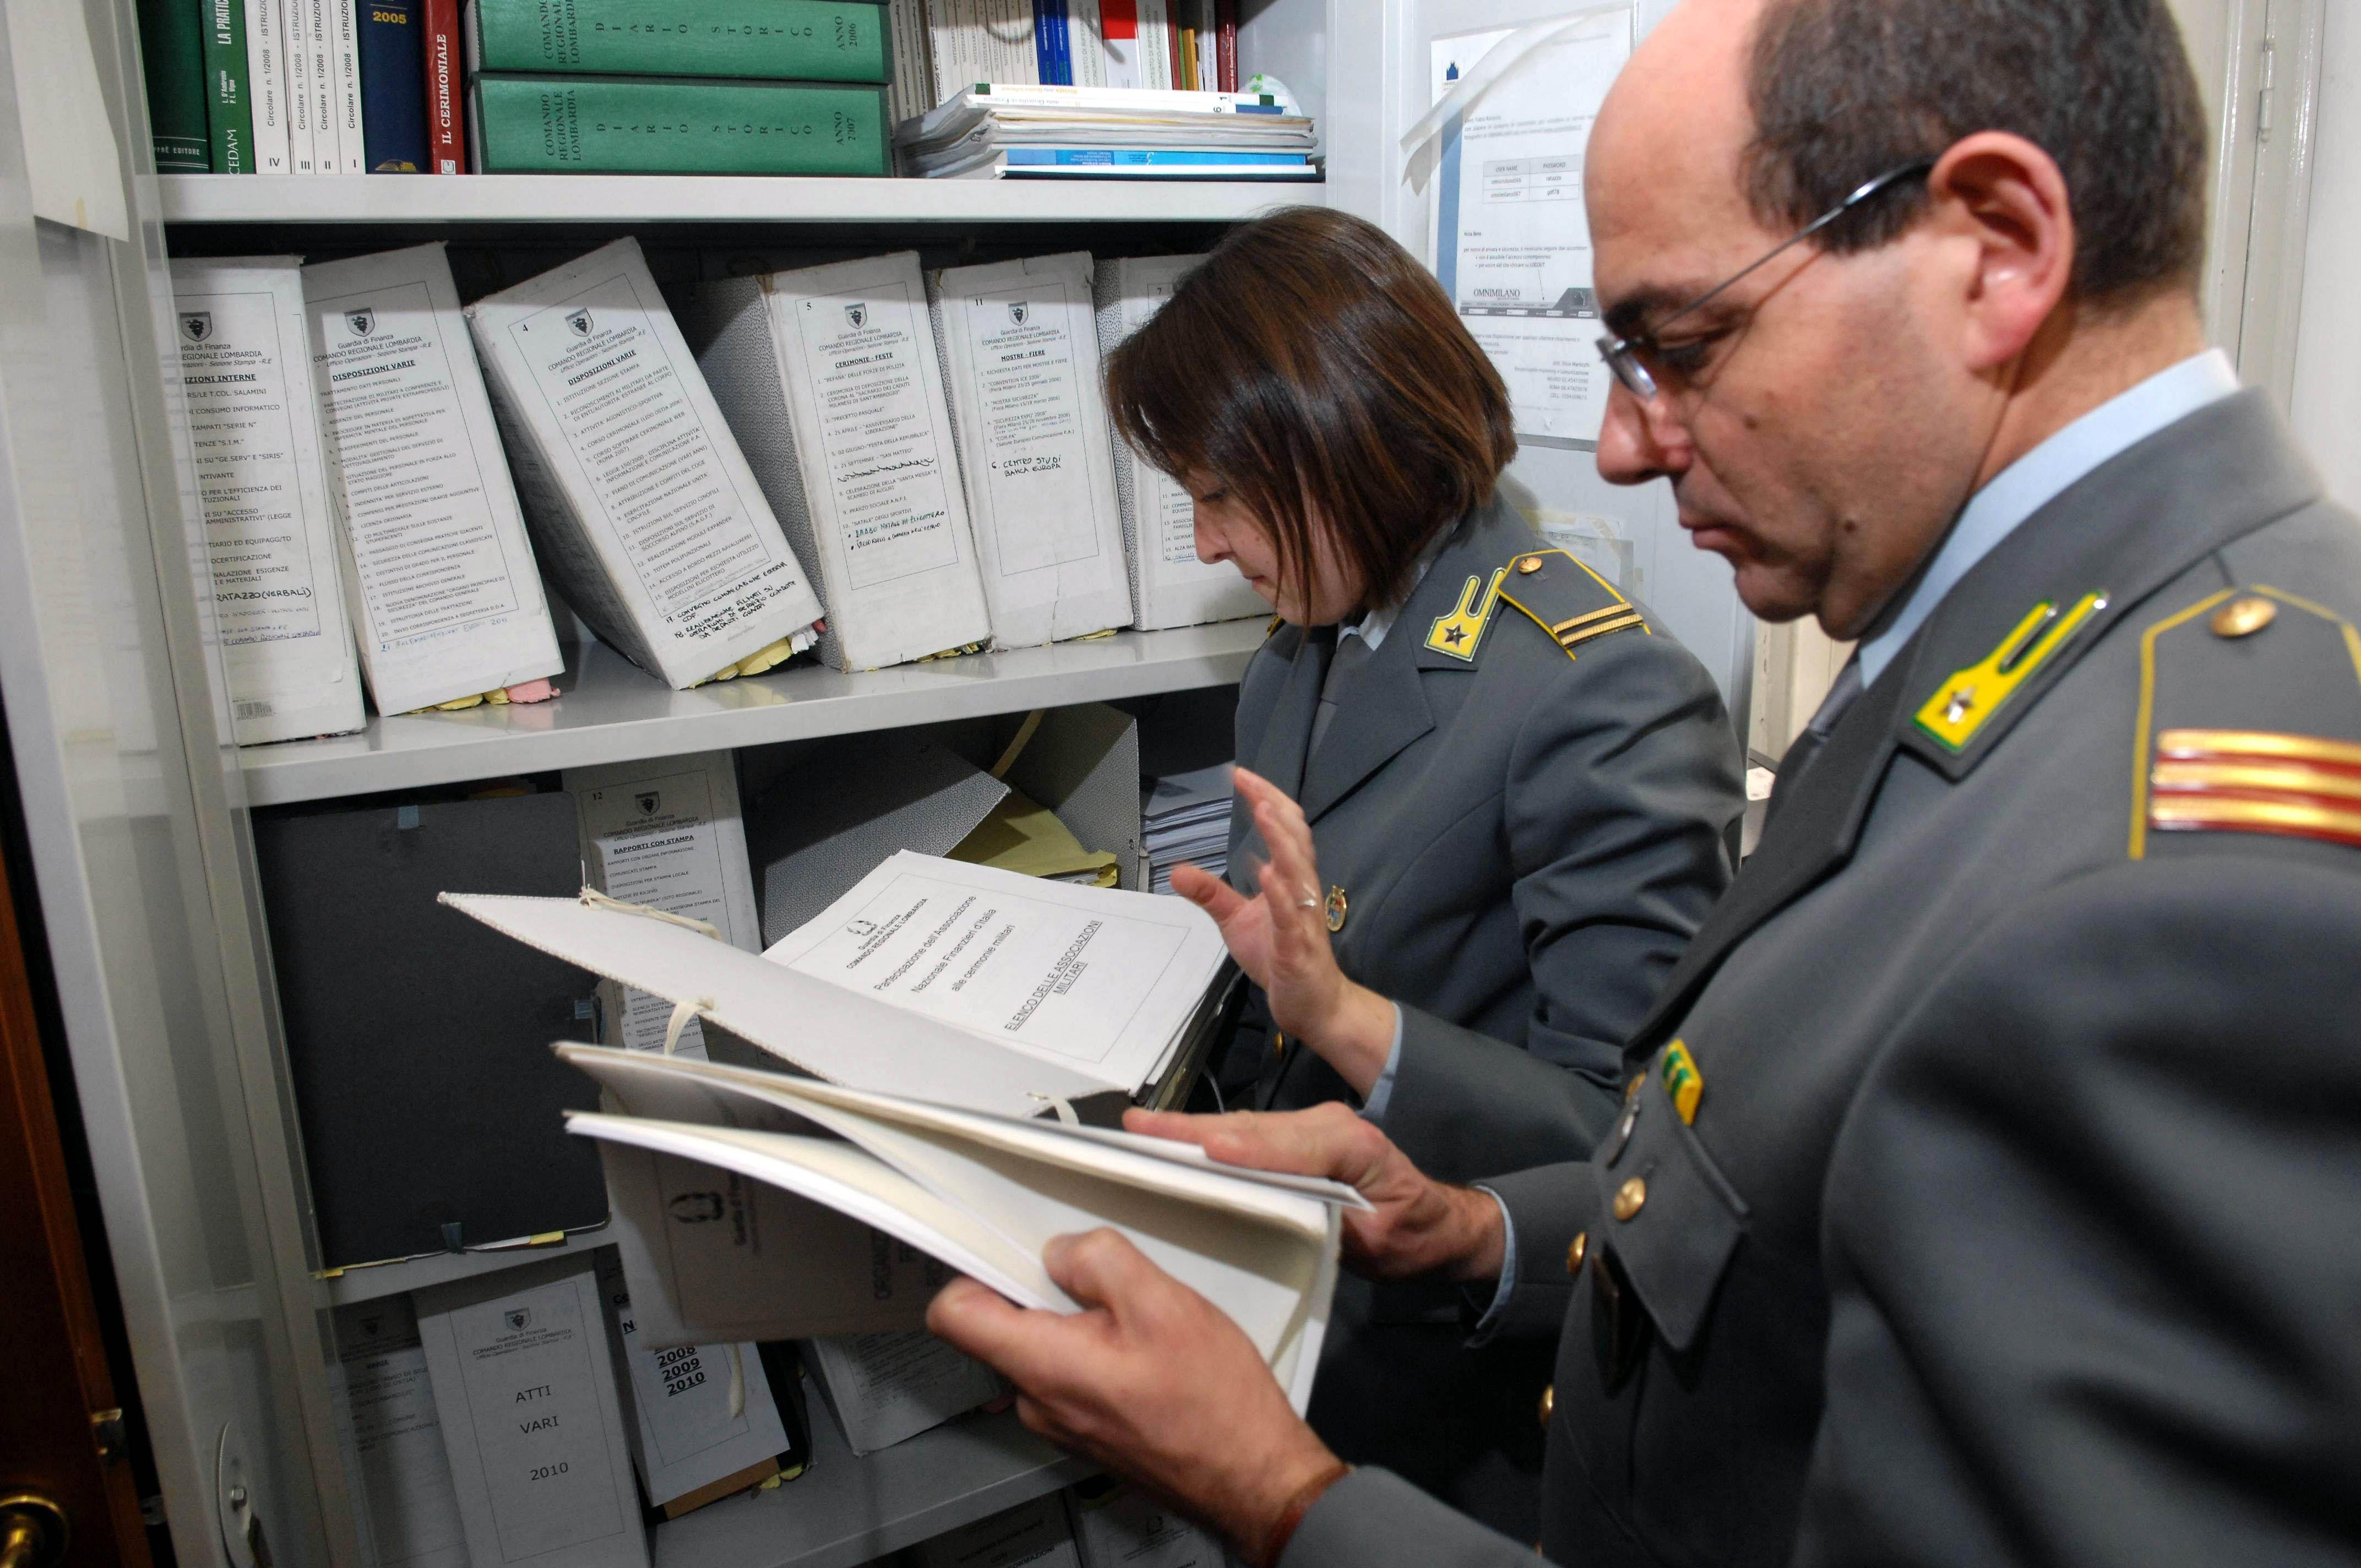 IVREA - Insegnante denunciata per truffa dalla guardia di finanza